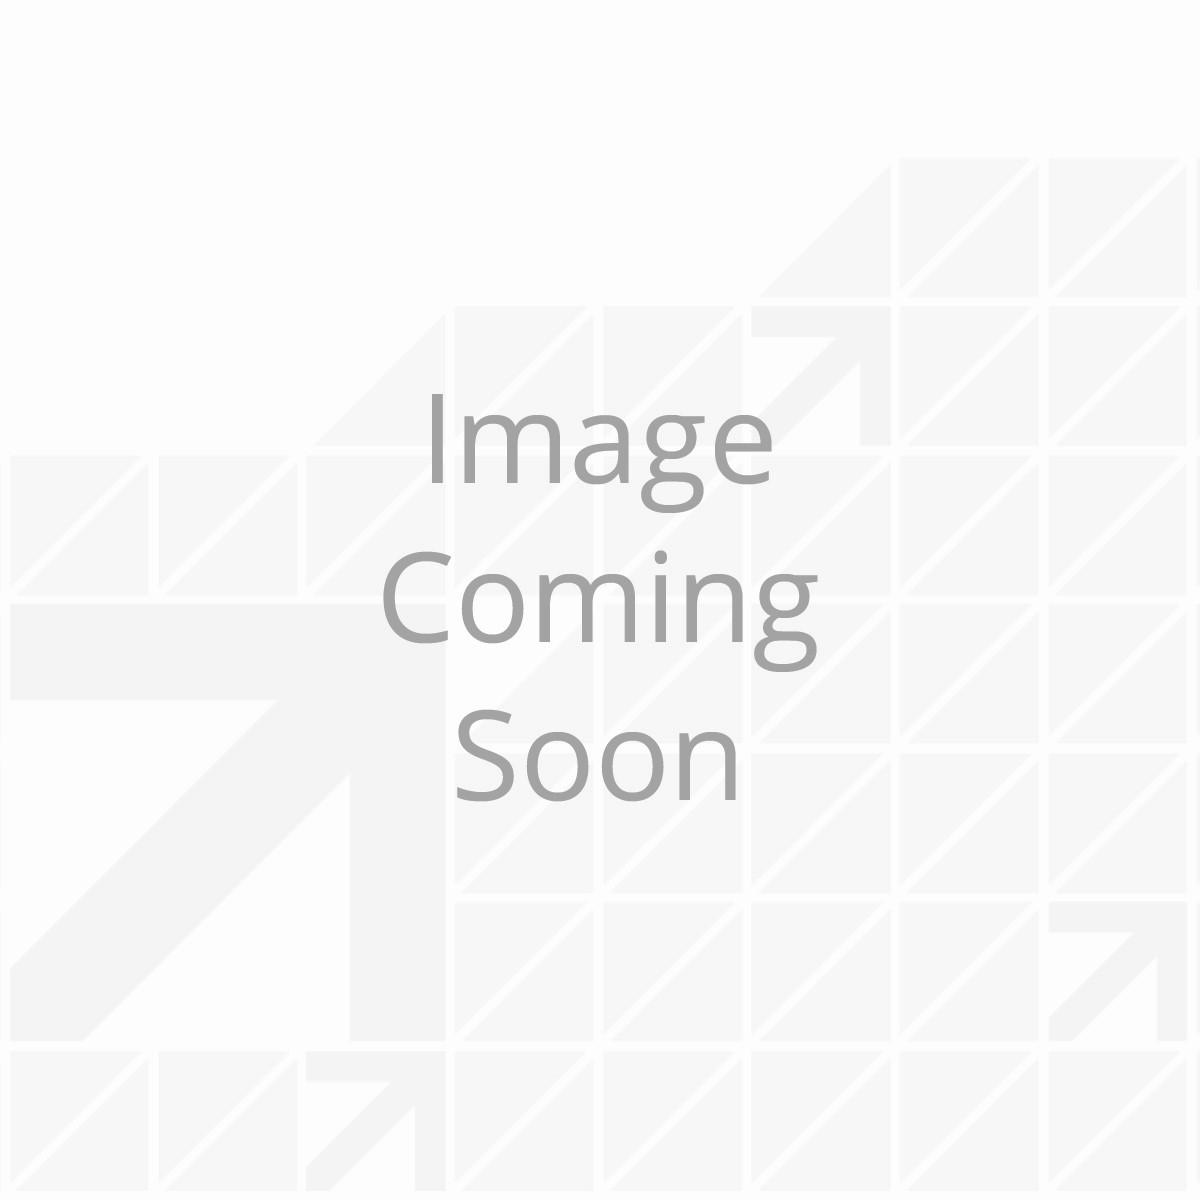 1021 Low VOC Self-Leveling Lap Sealant, Almond (10.3 Oz. Tube)